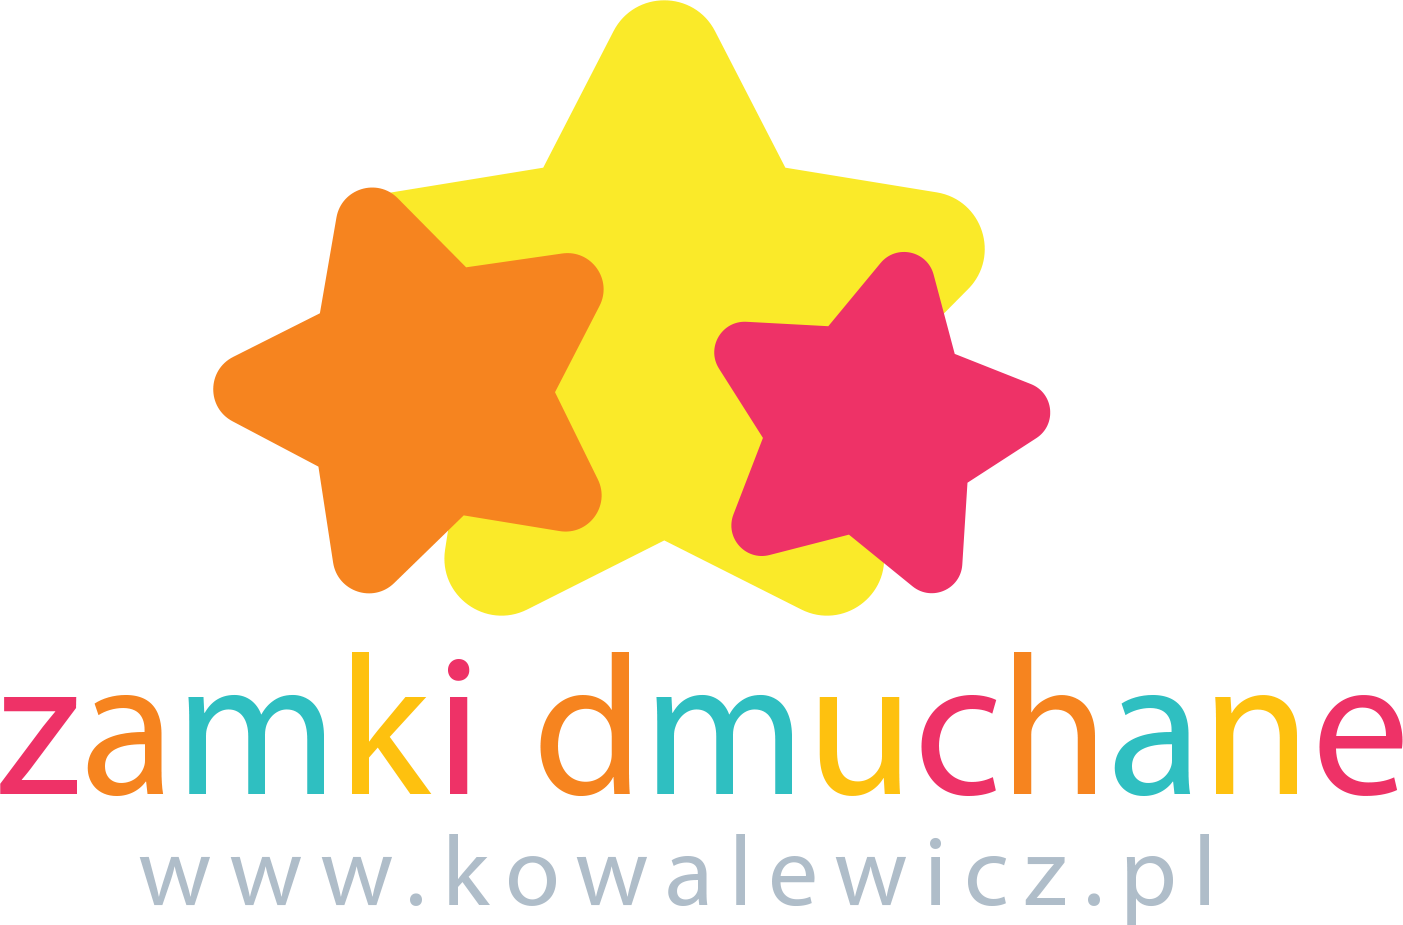 Zamki dmuchane – kowalewicz.pl